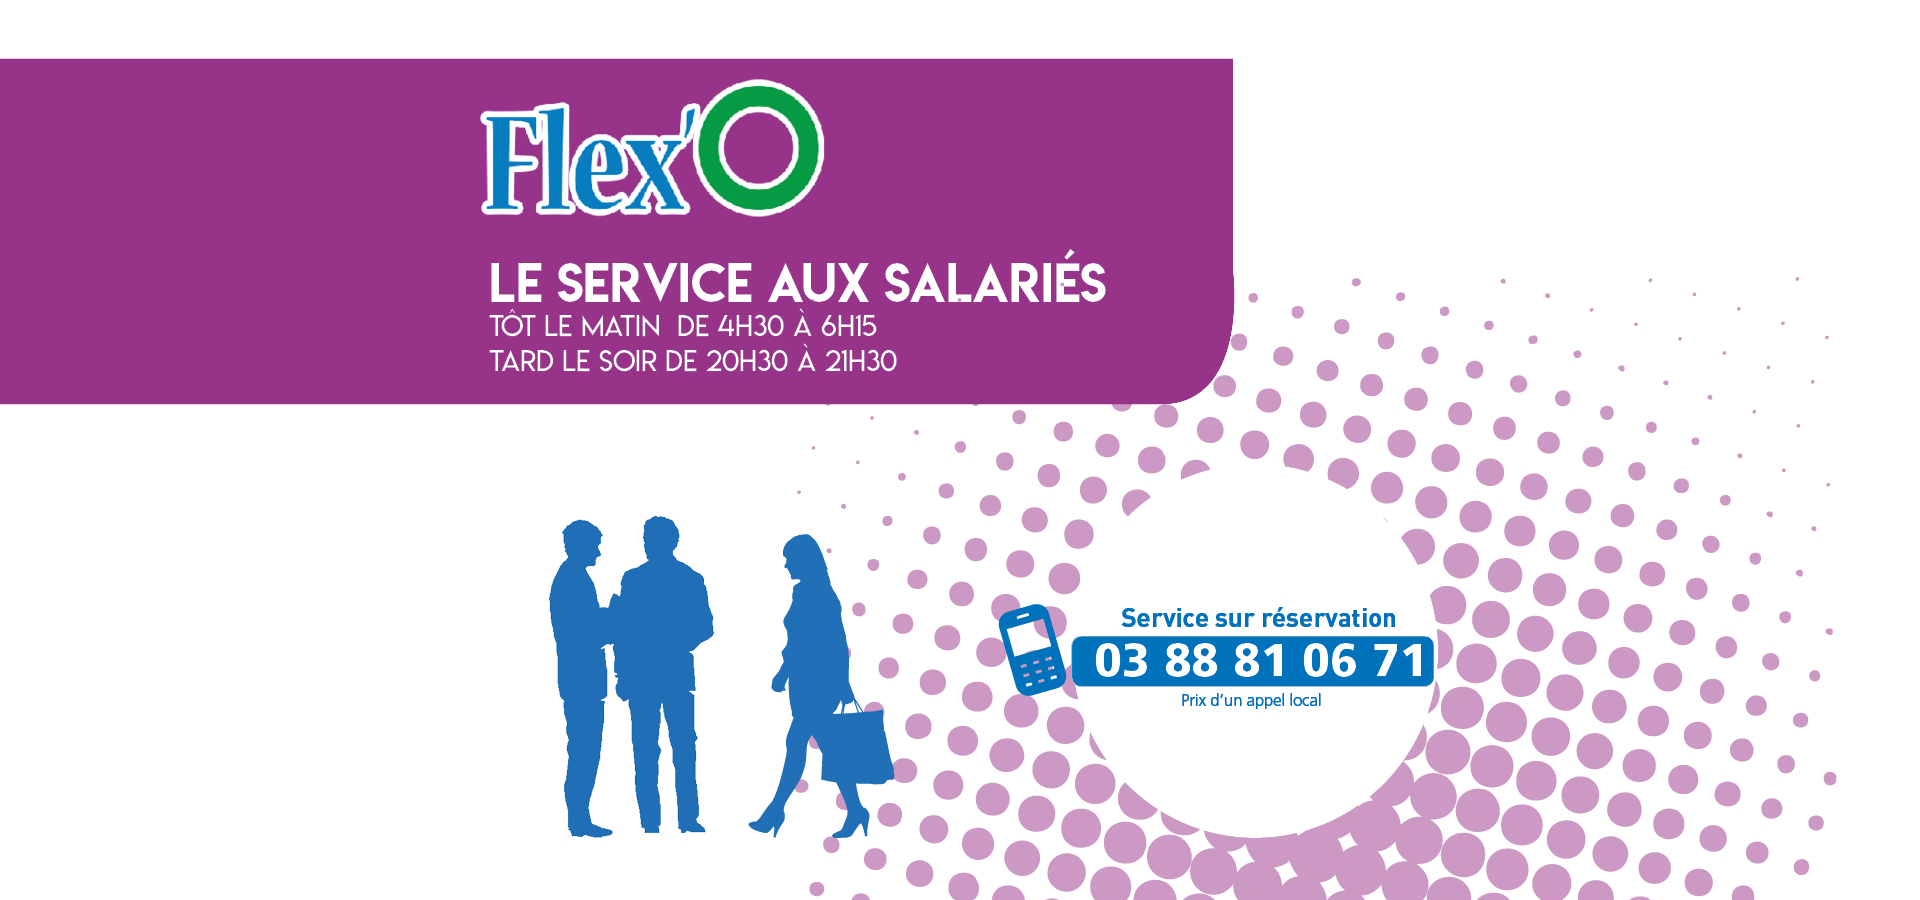 Le service Flex'O dédié aux salariés depuis et vers tous les arrêts Pass'O !